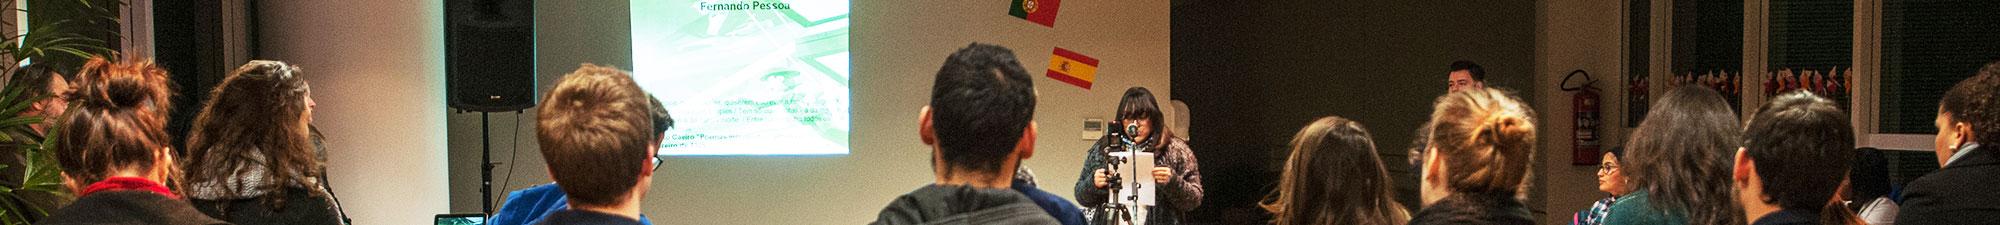 Jumbinho - Estude na UFCSPA - Ingresso de estrangeiros